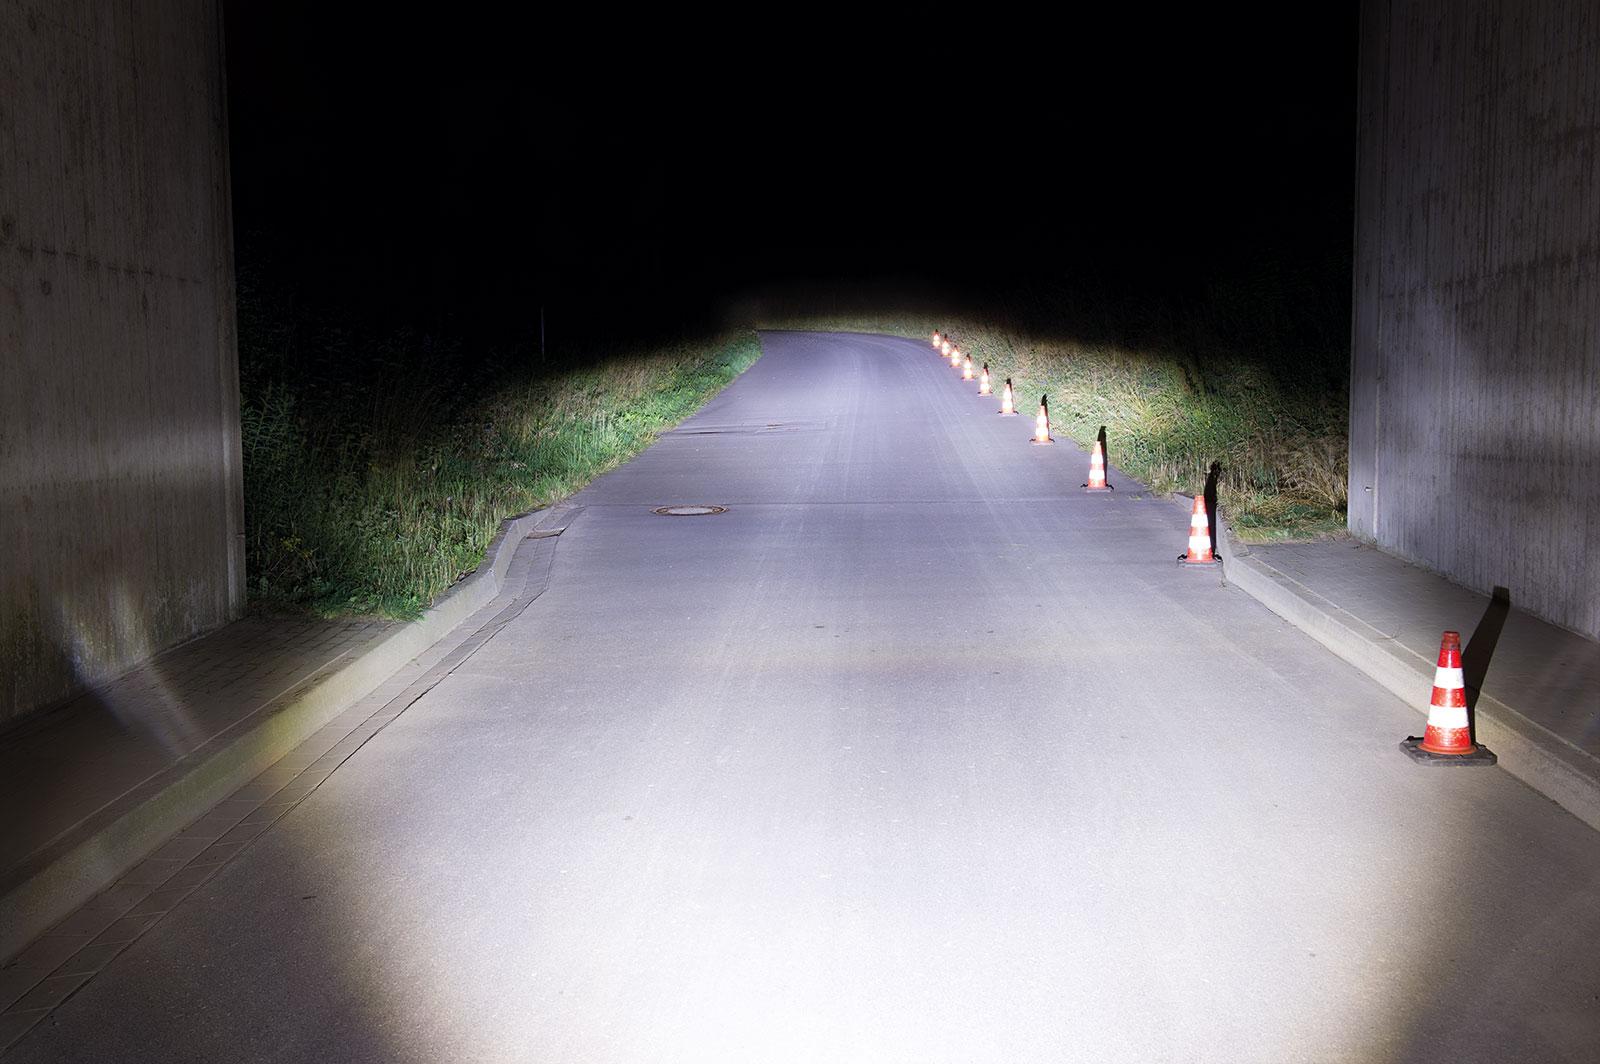 Beleuchtung An Ihrem E Bike Worauf Sie Unbedingt Achten Sollten E Motion E Bikes